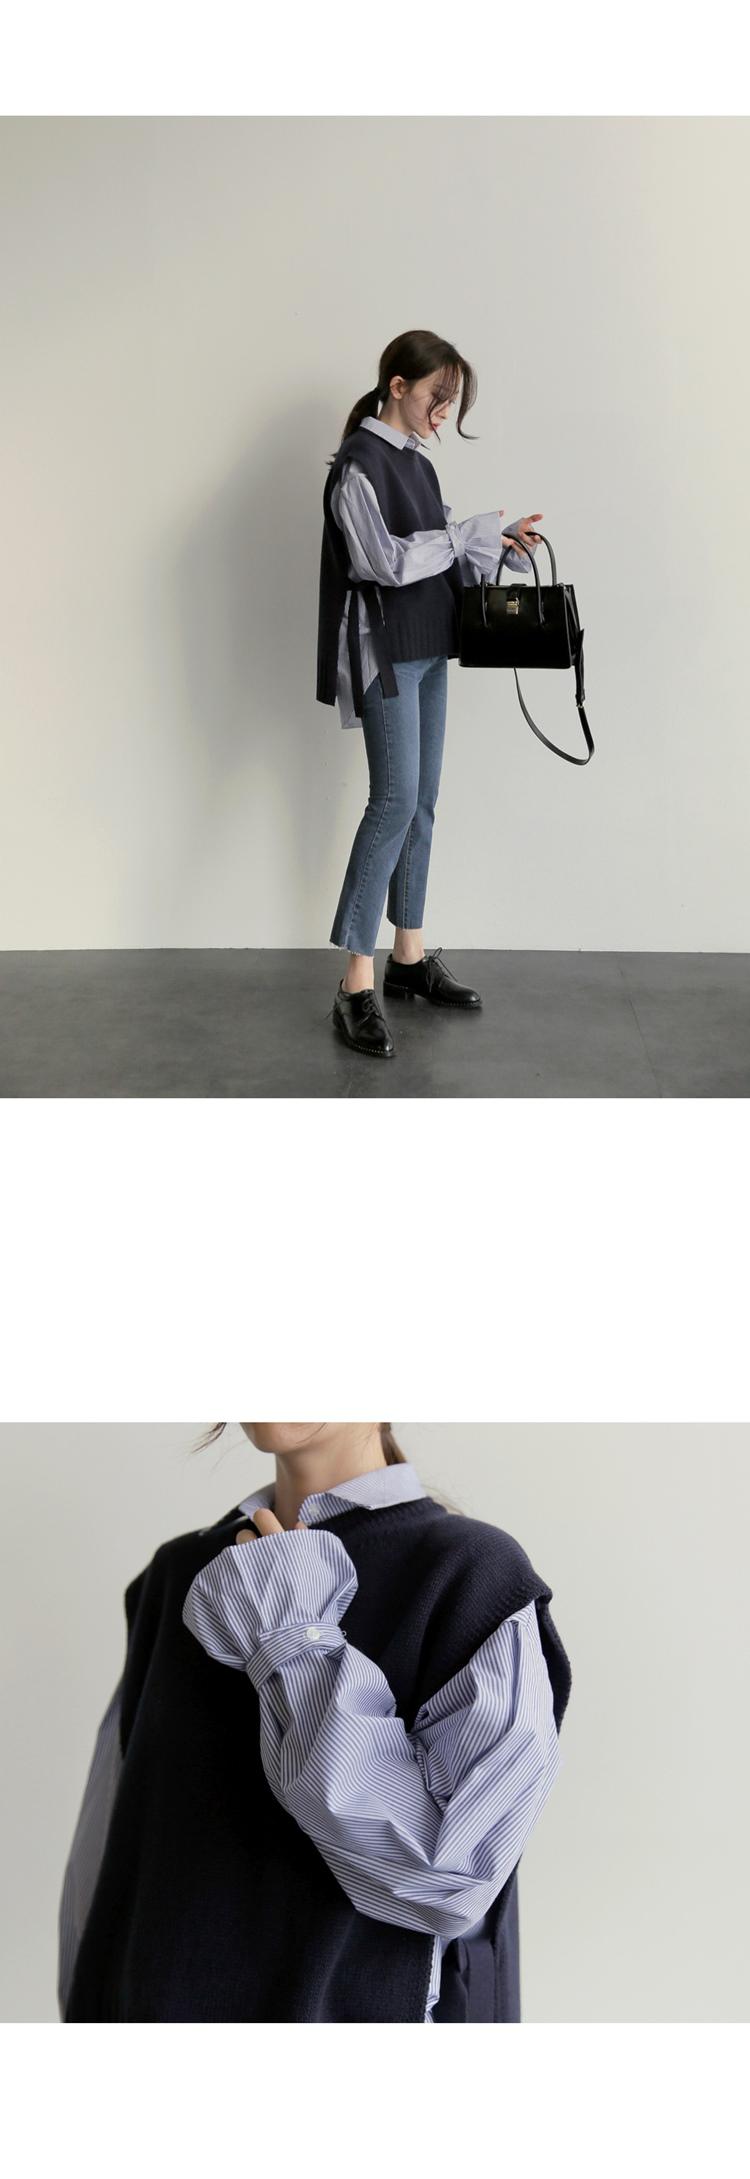 【即納】韓国 ファッション トップス ニット セーター 秋冬春 カジュアル SPTX5258  コーデに可愛げを呼ぶ。リボンディテールのニットベスト オルチャン シンプル 定番 セレカジの写真3枚目